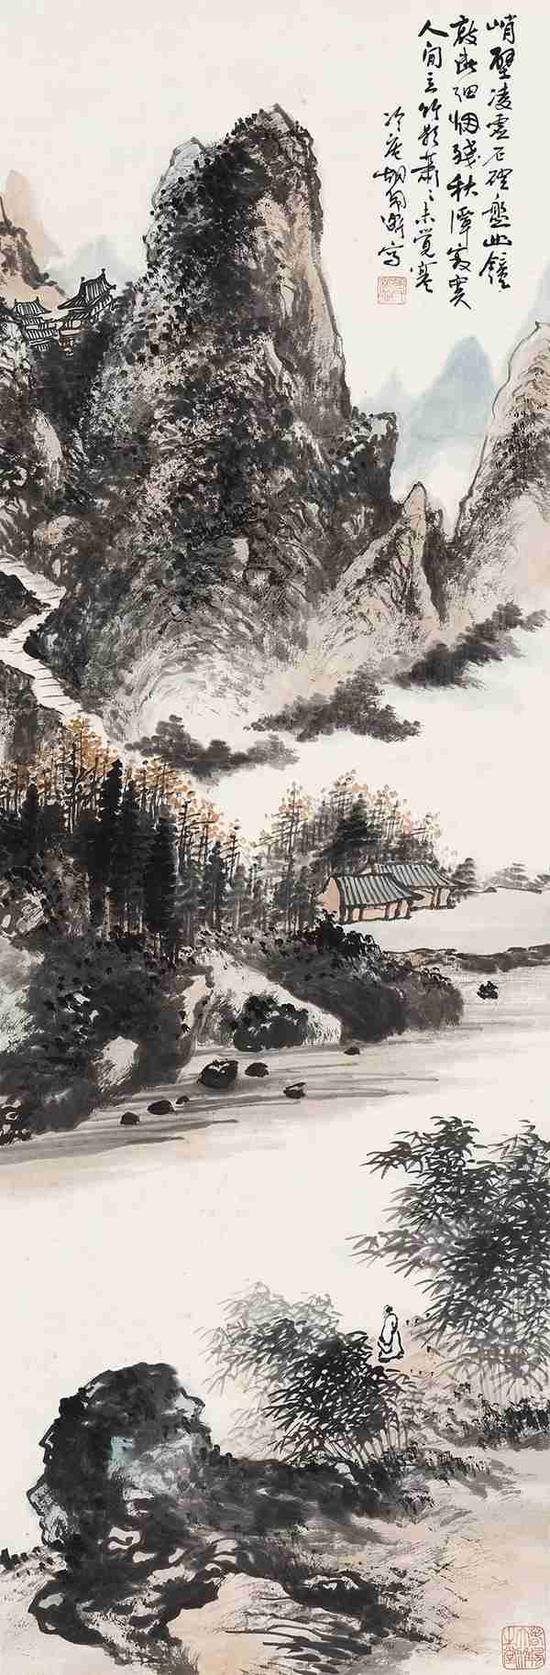 《四景山水》之胡佩衡